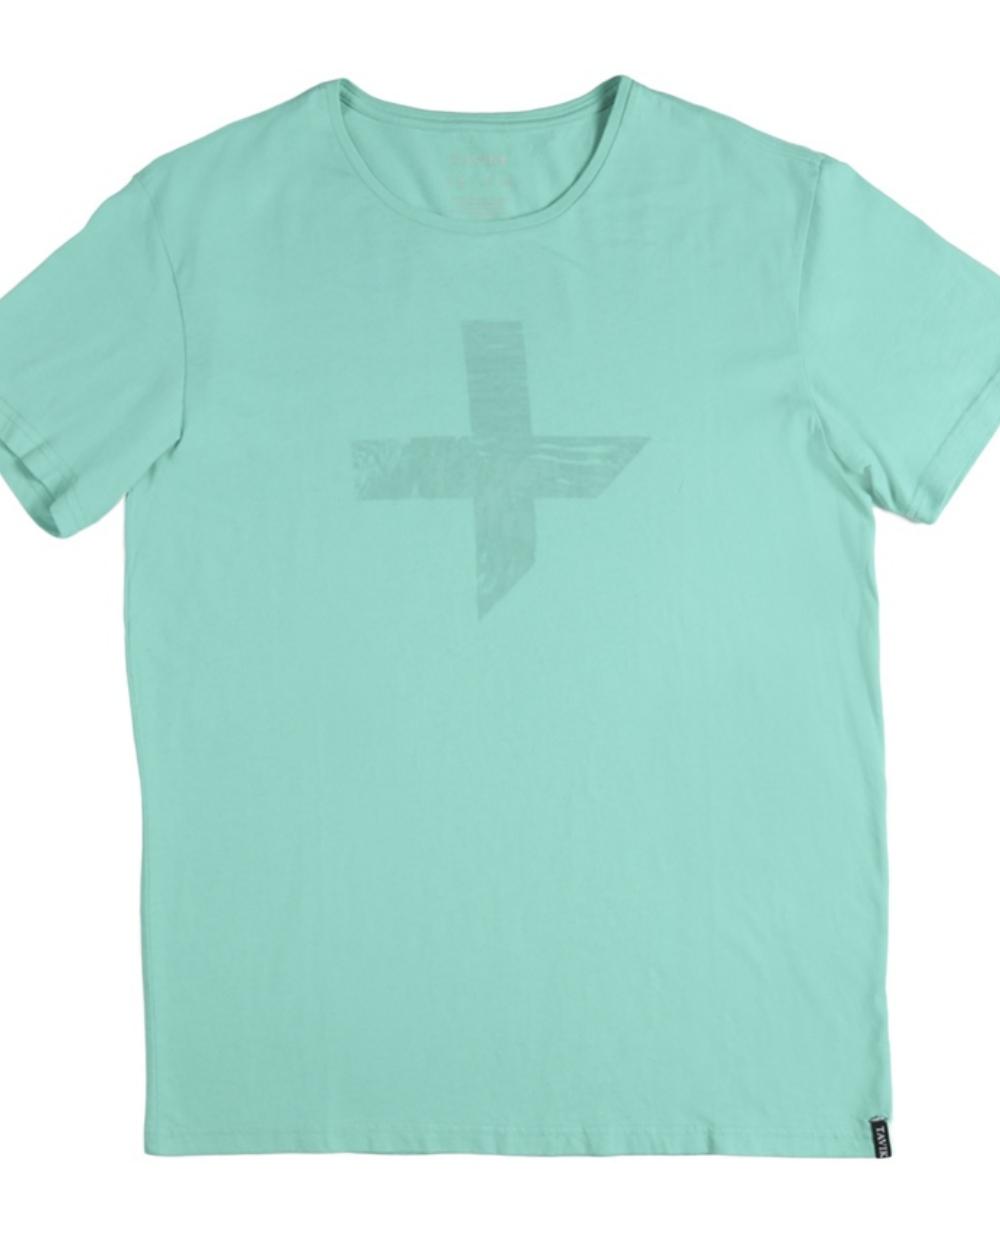 2015 Tavik Men's Chlorine Fragments T-Shirt